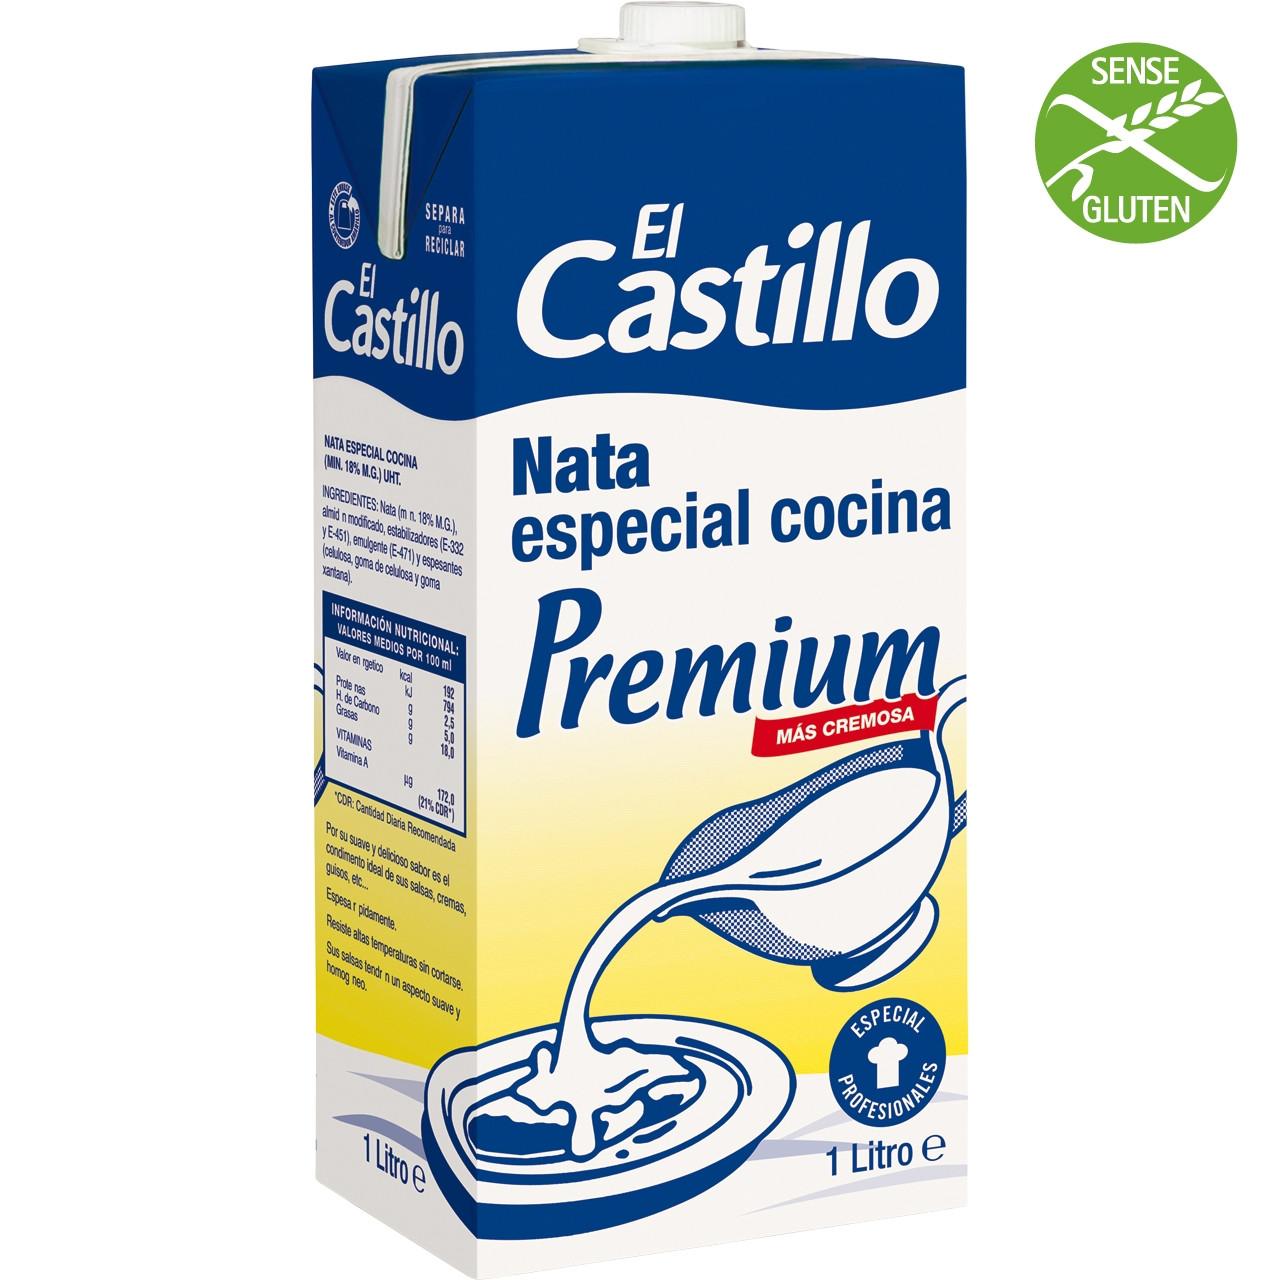 Nata Castillo cuina 1l bric 18% materia grassa